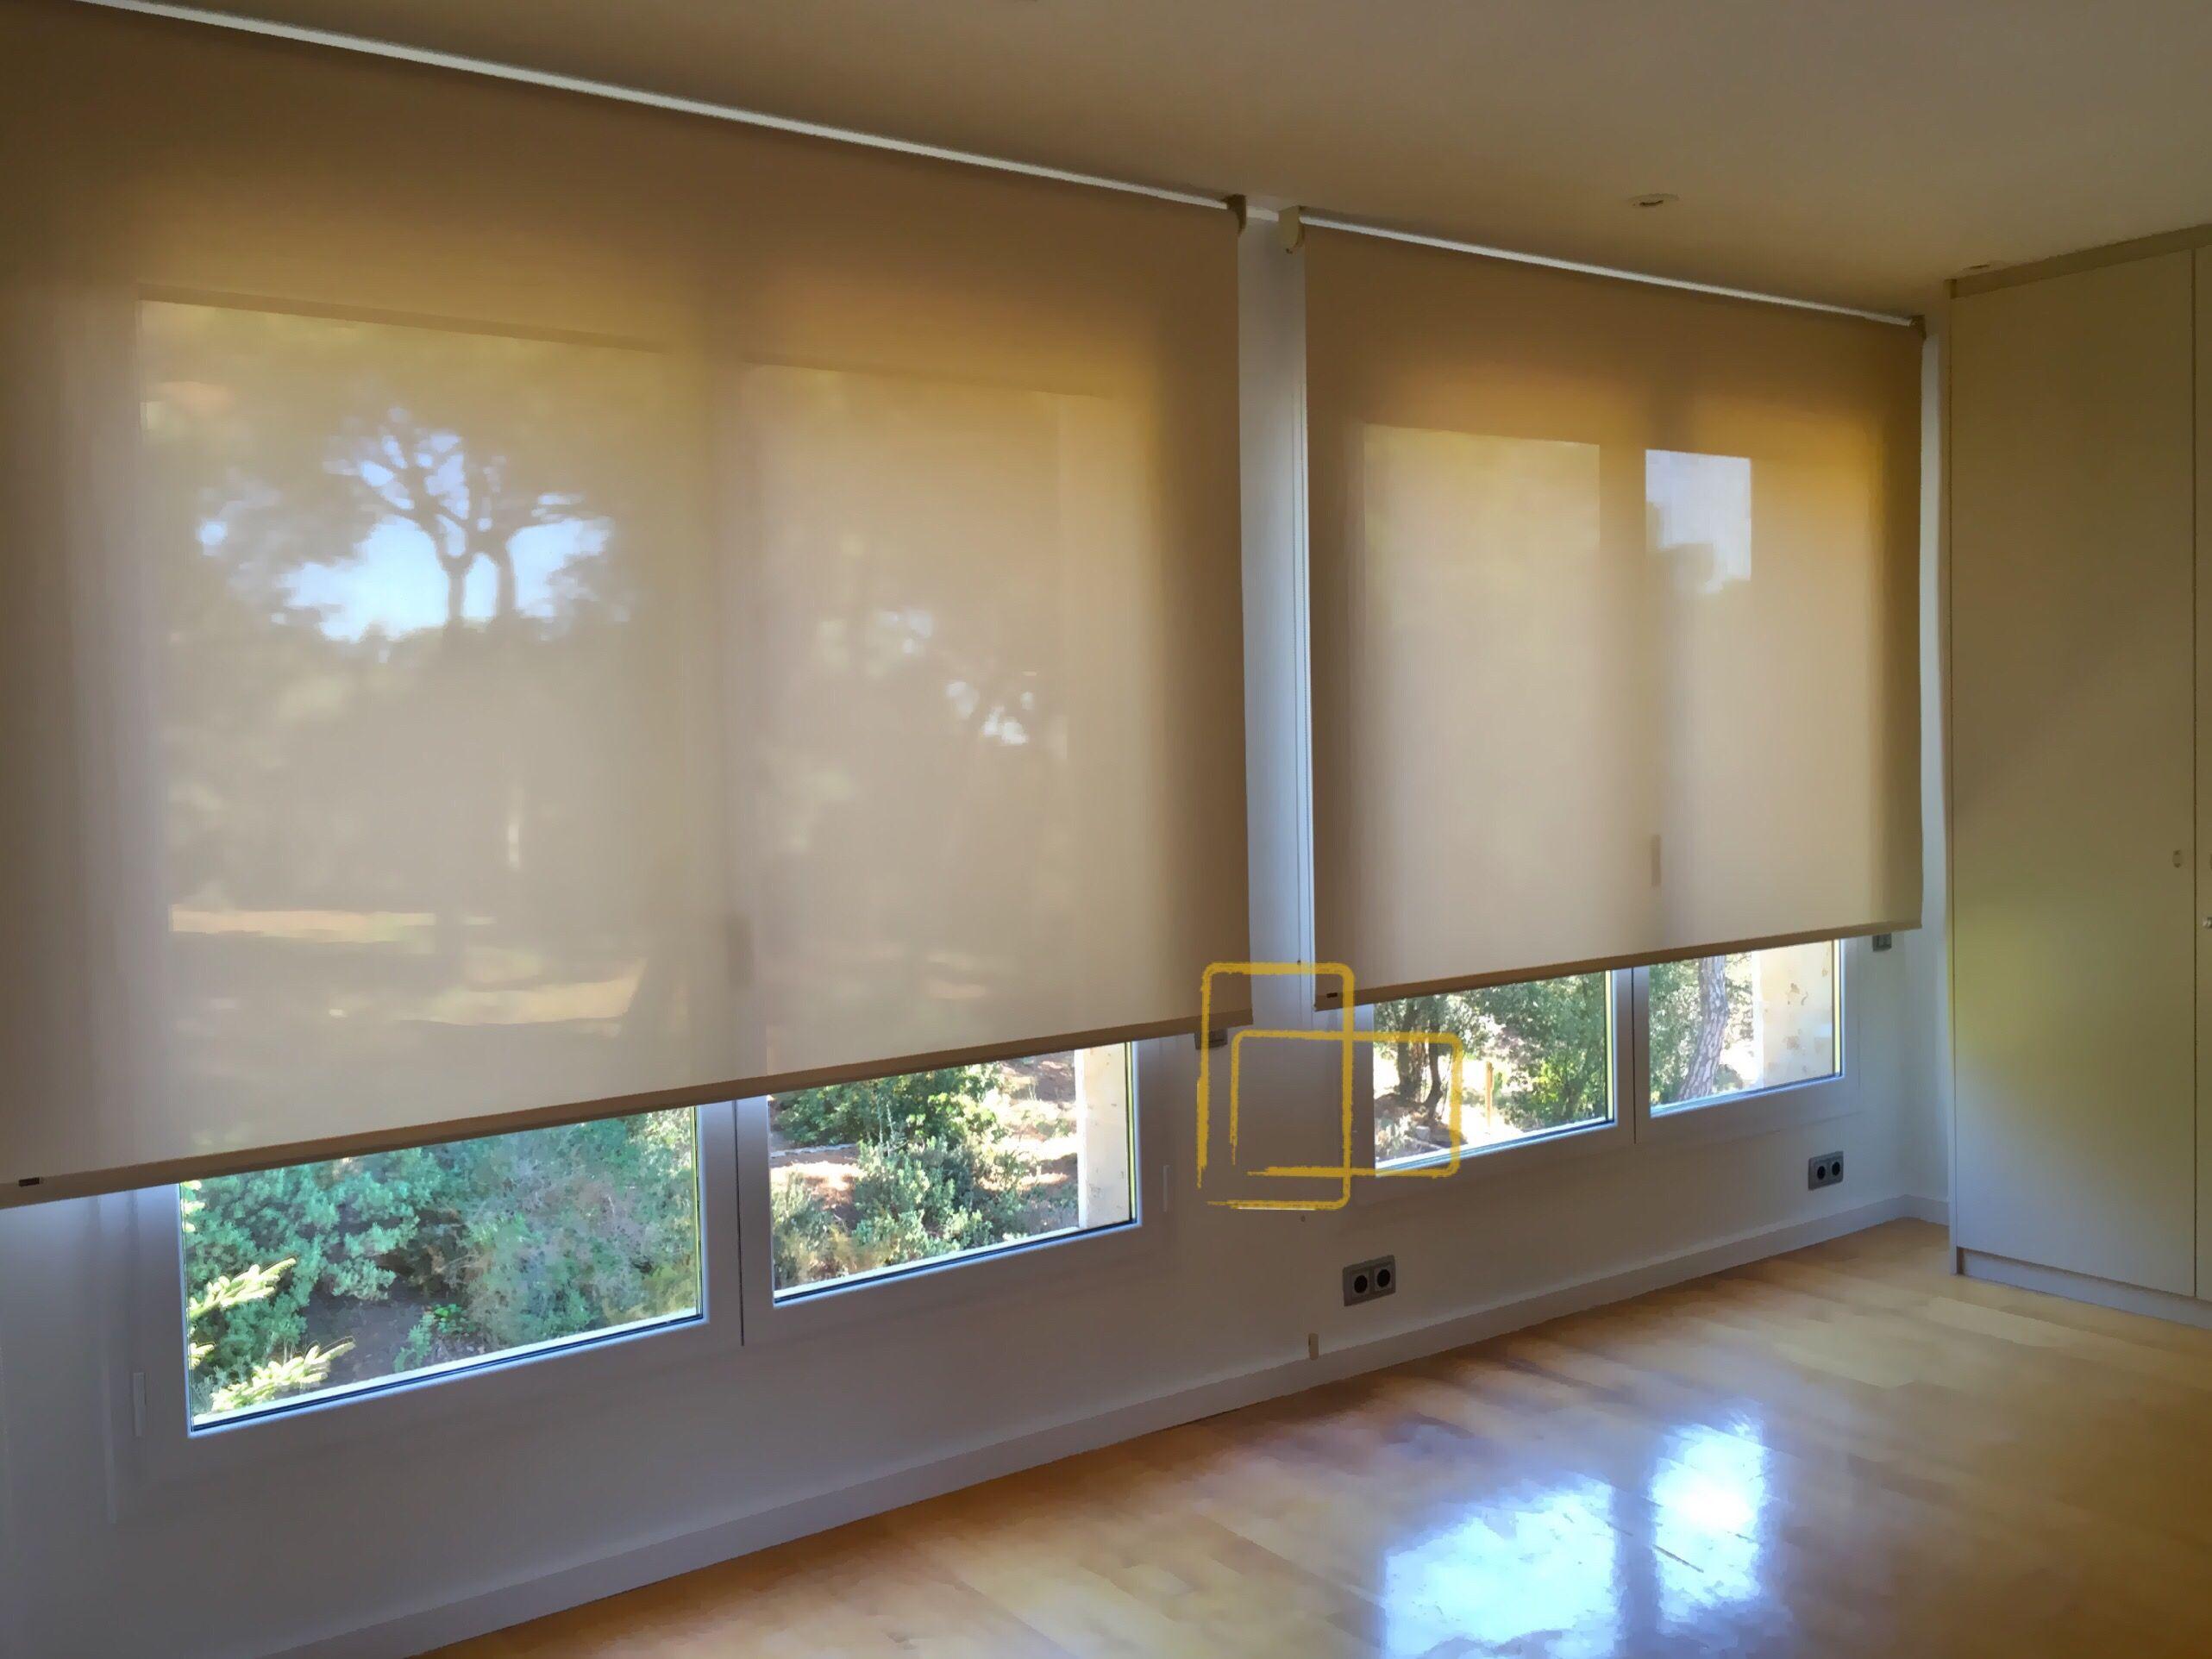 las cortinas que estan de moda cortinas solart estores cortinas enrollables